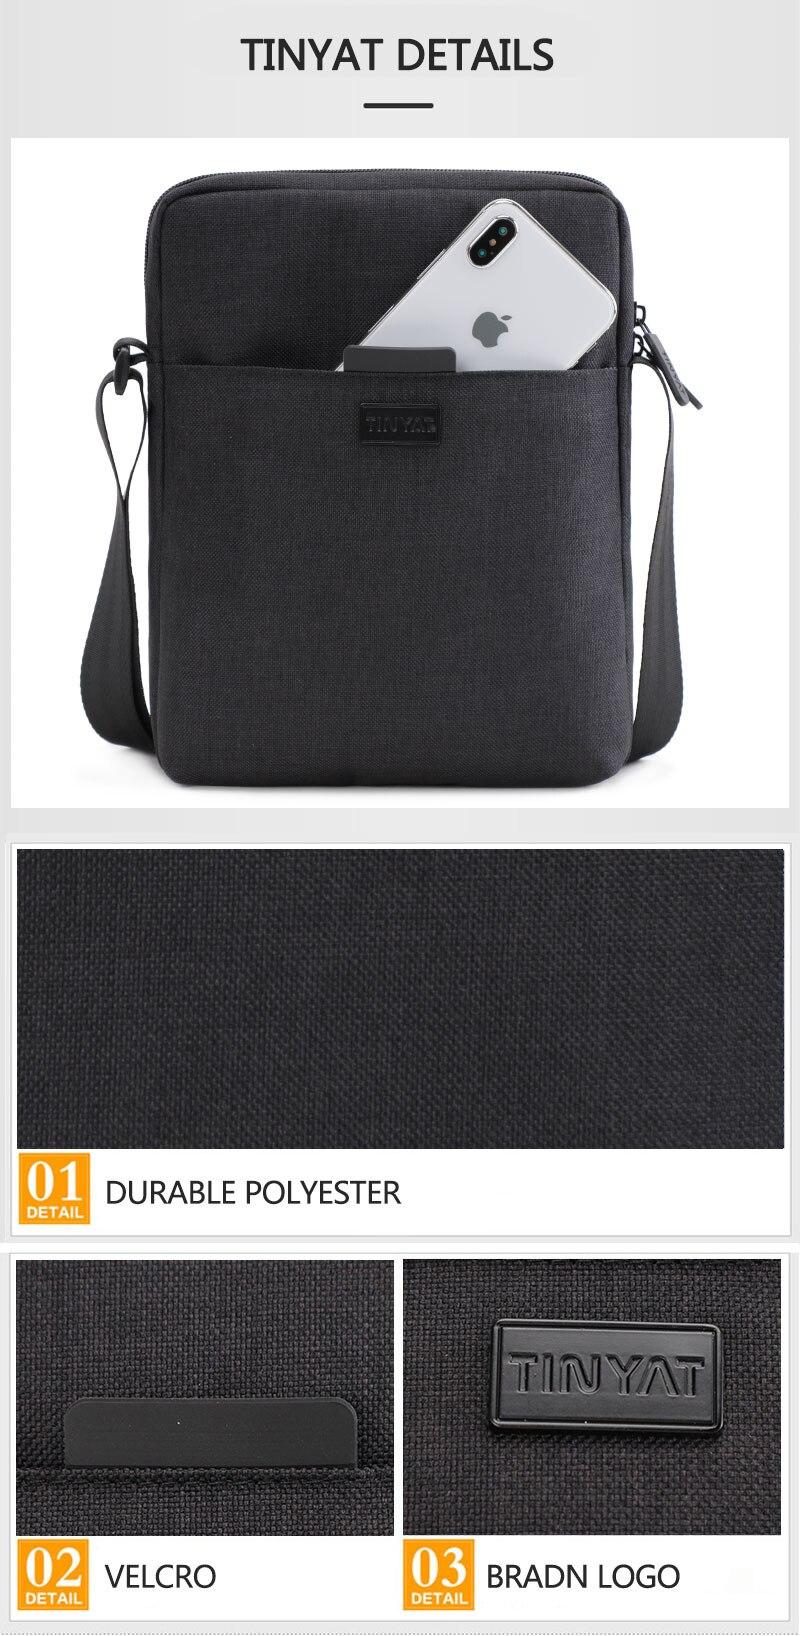 Light Canvas Shoulder Bag For 7.9 Ipad Casual Crossbody Bag Waterproof Messenger Bag Pack Sling Bag For Men 0.13Kg